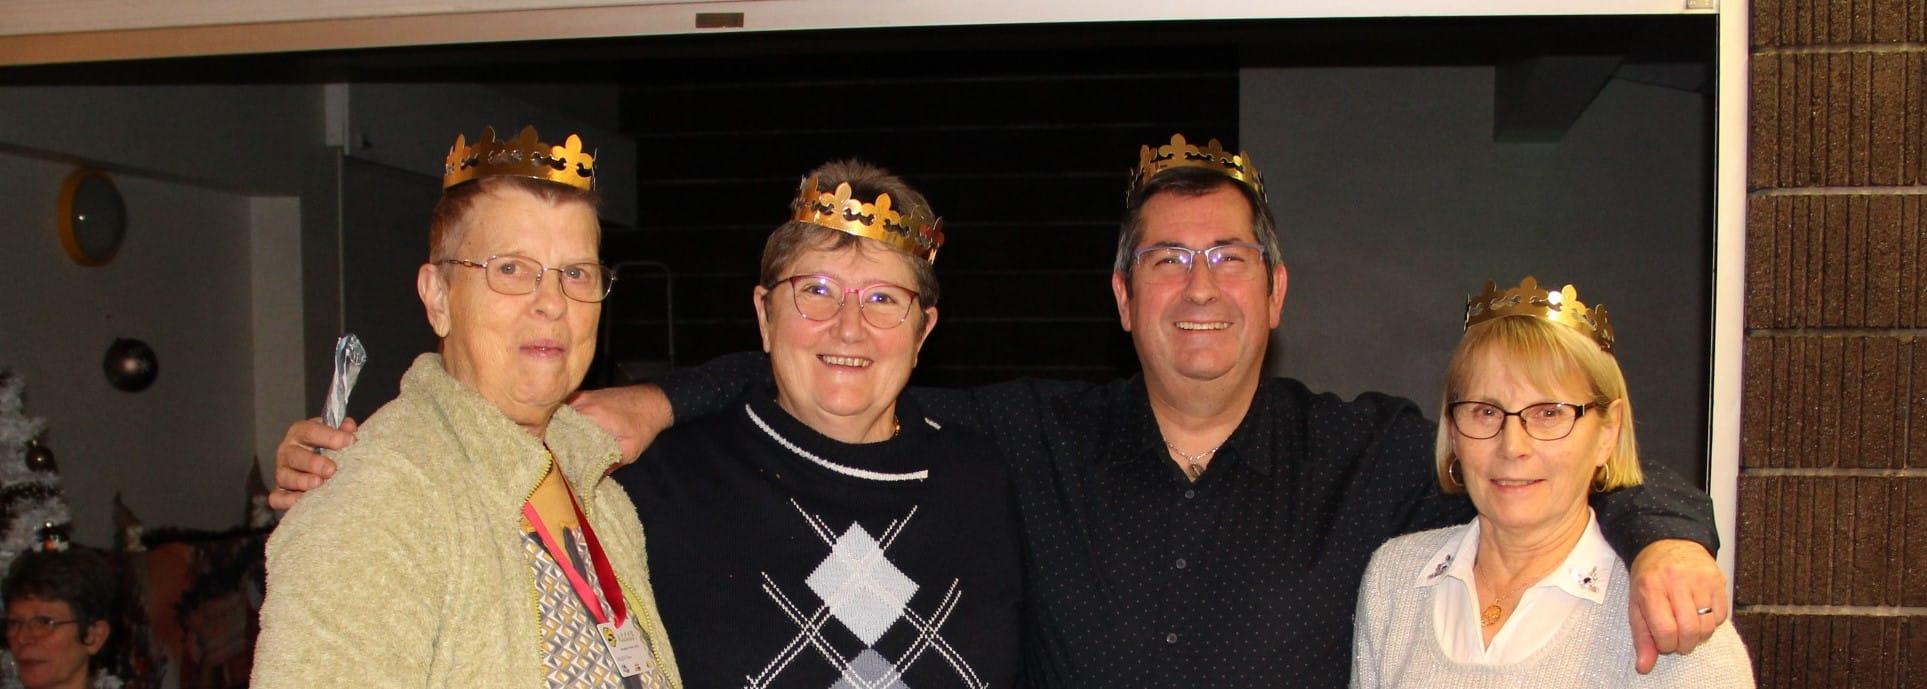 BFC – S19-002 – Les Rois à Vesoul